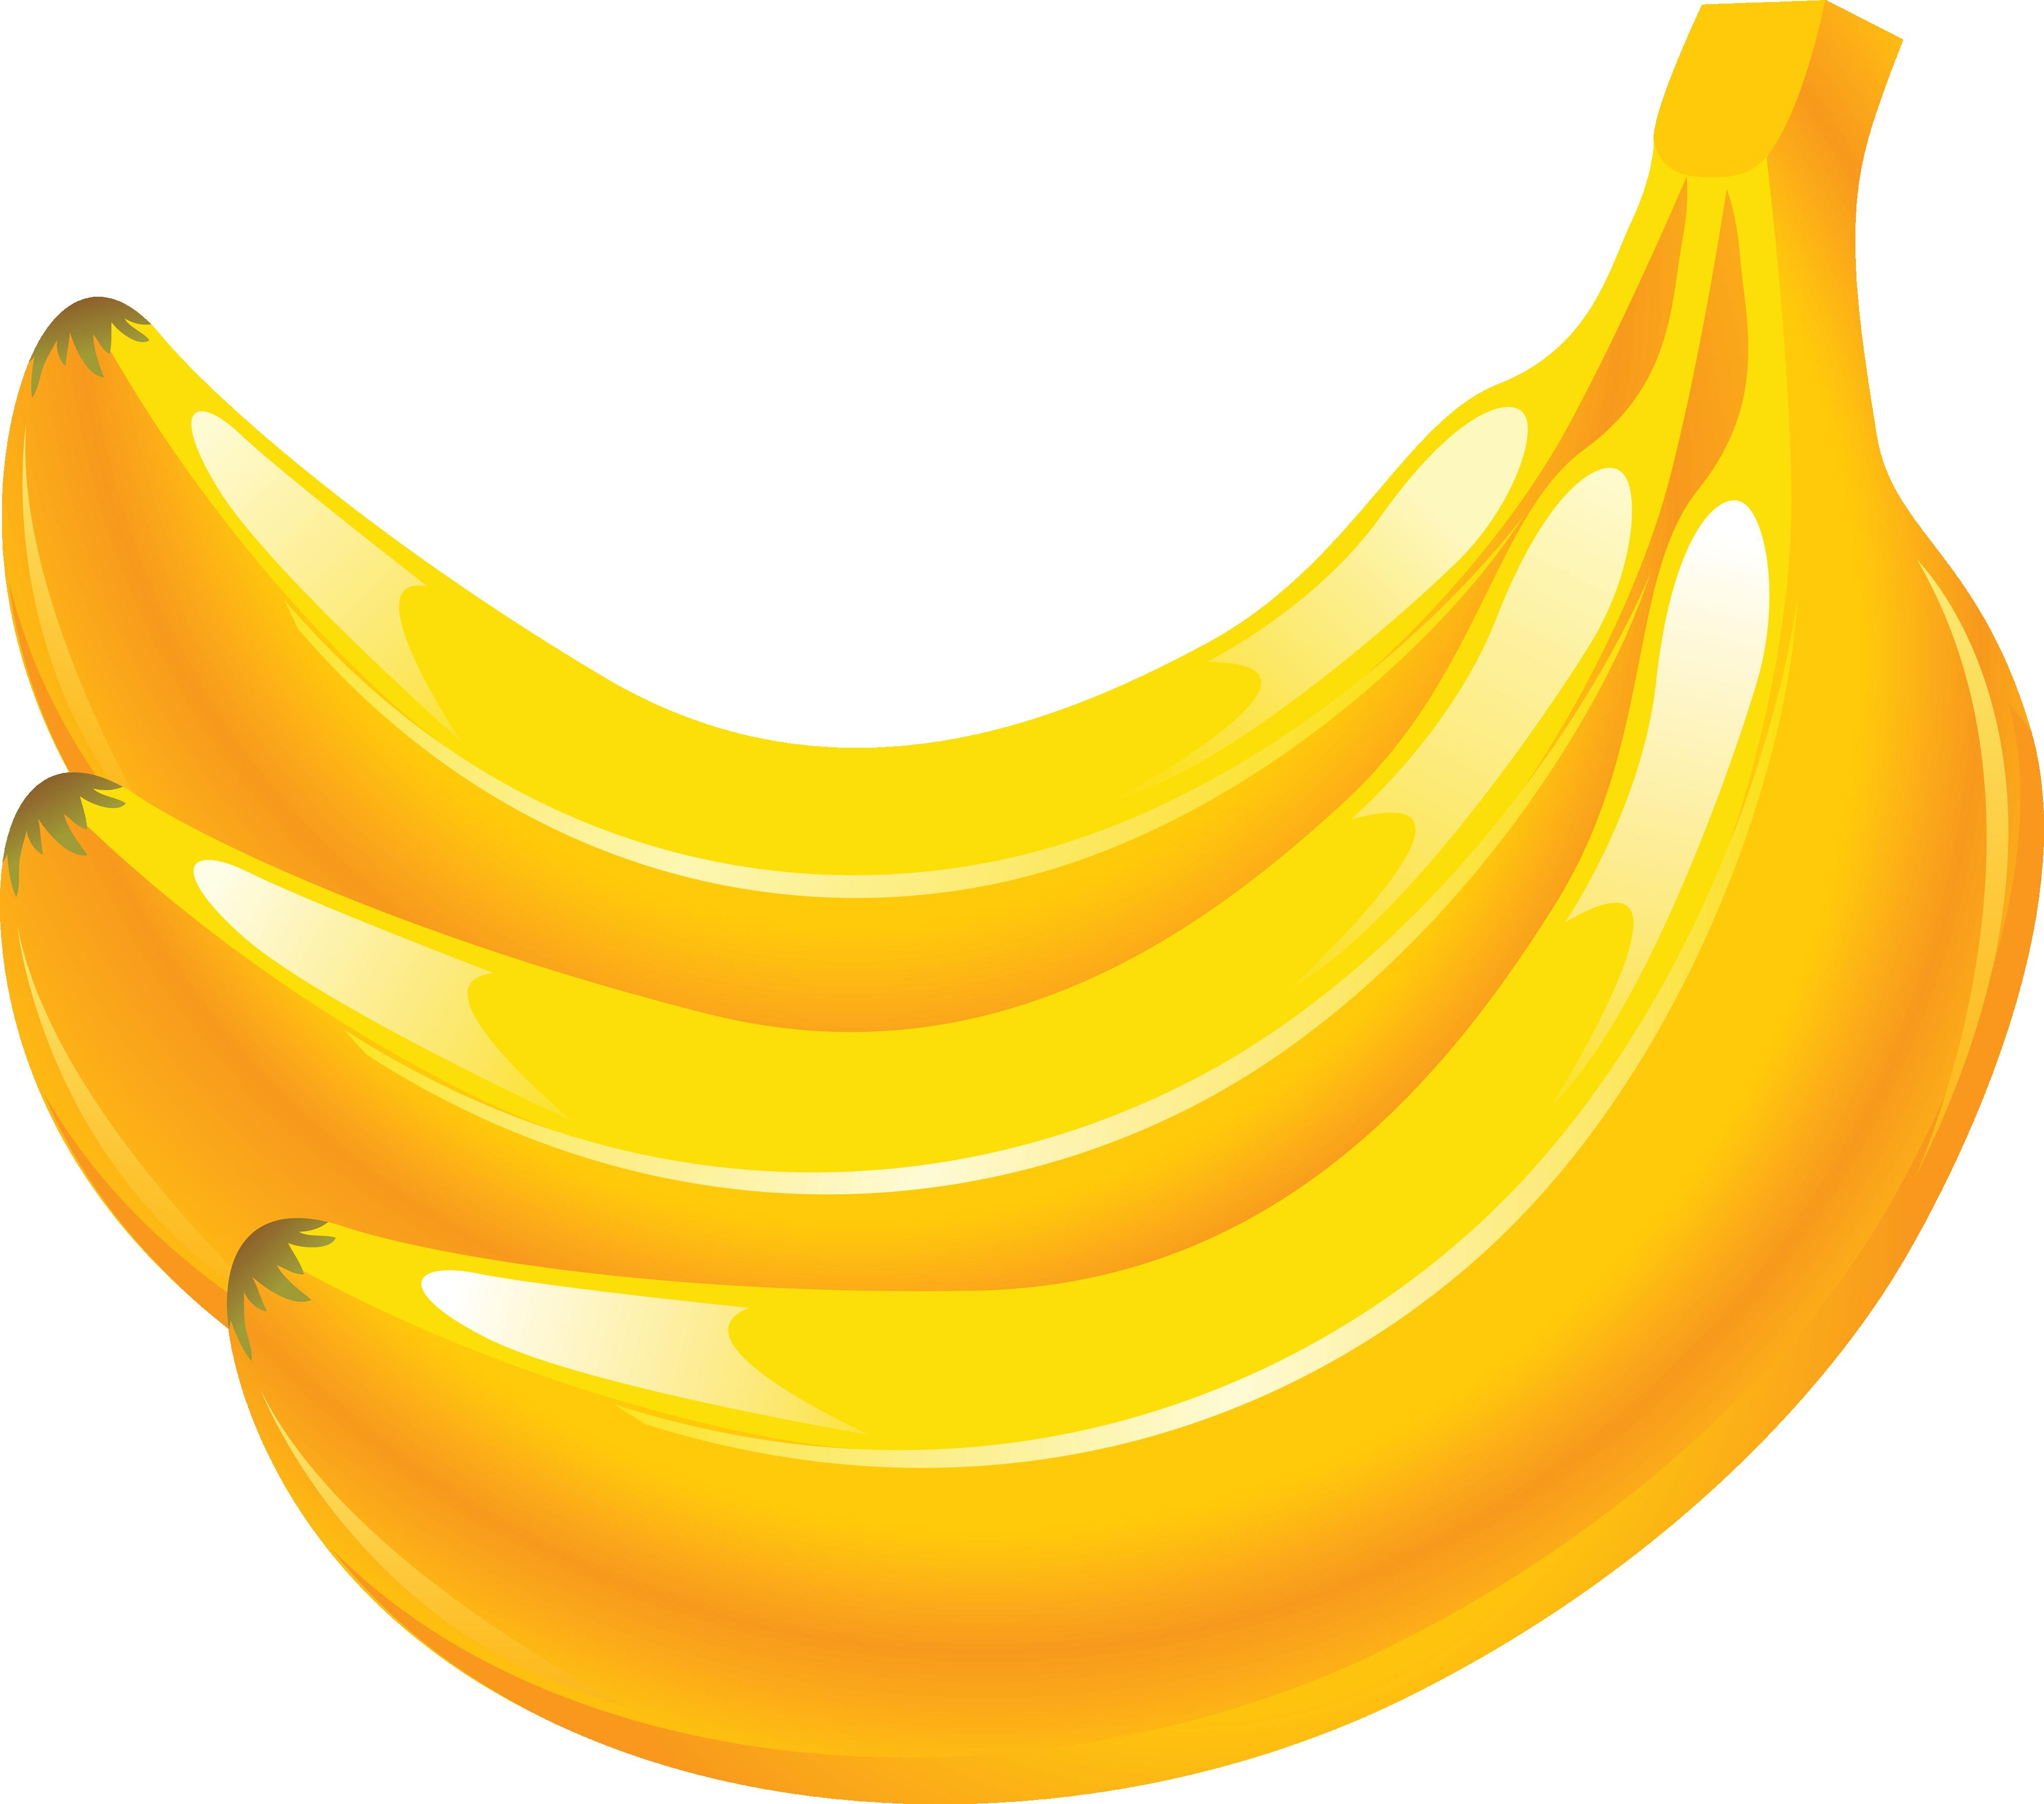 Banana Png image #27767 - Banana PNG